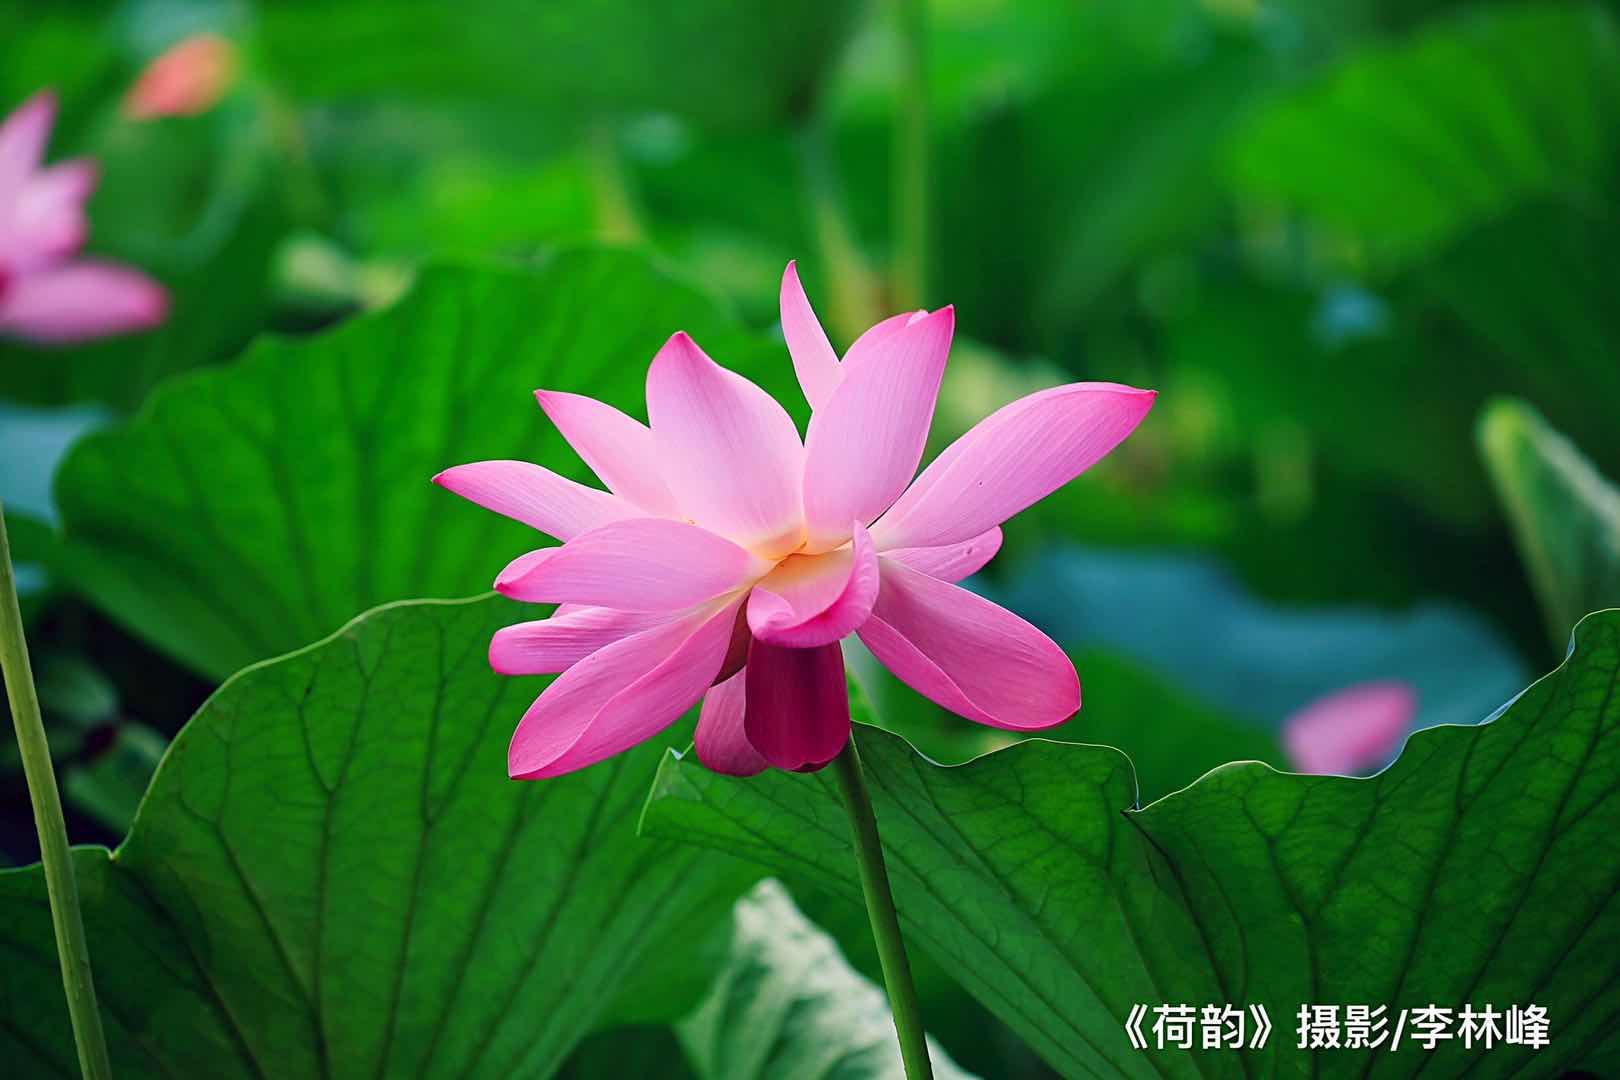 李林峰摄影作品欣赏